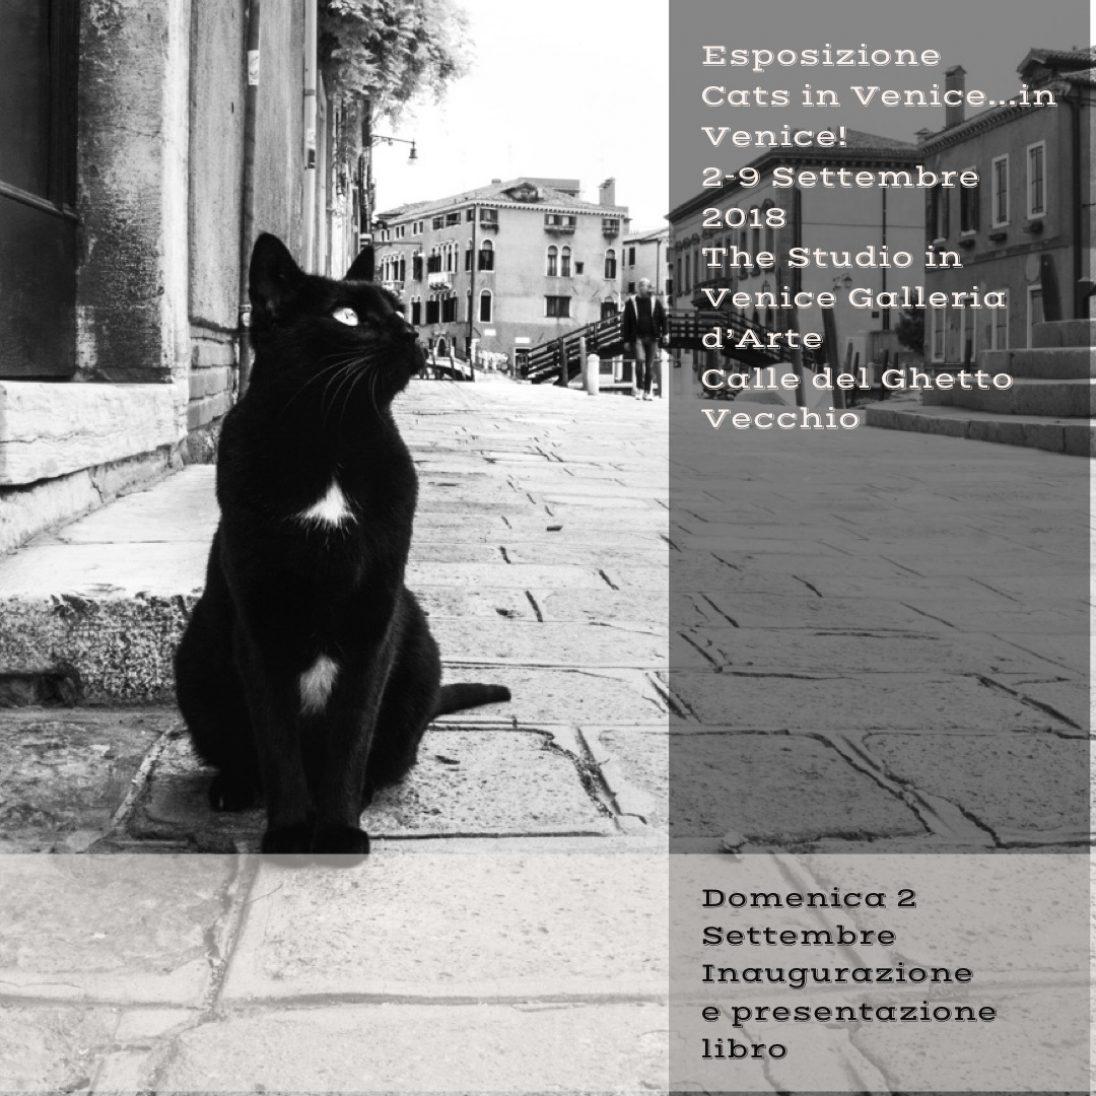 eventi - Esposizione fotografica Cats in Venice...in Venice